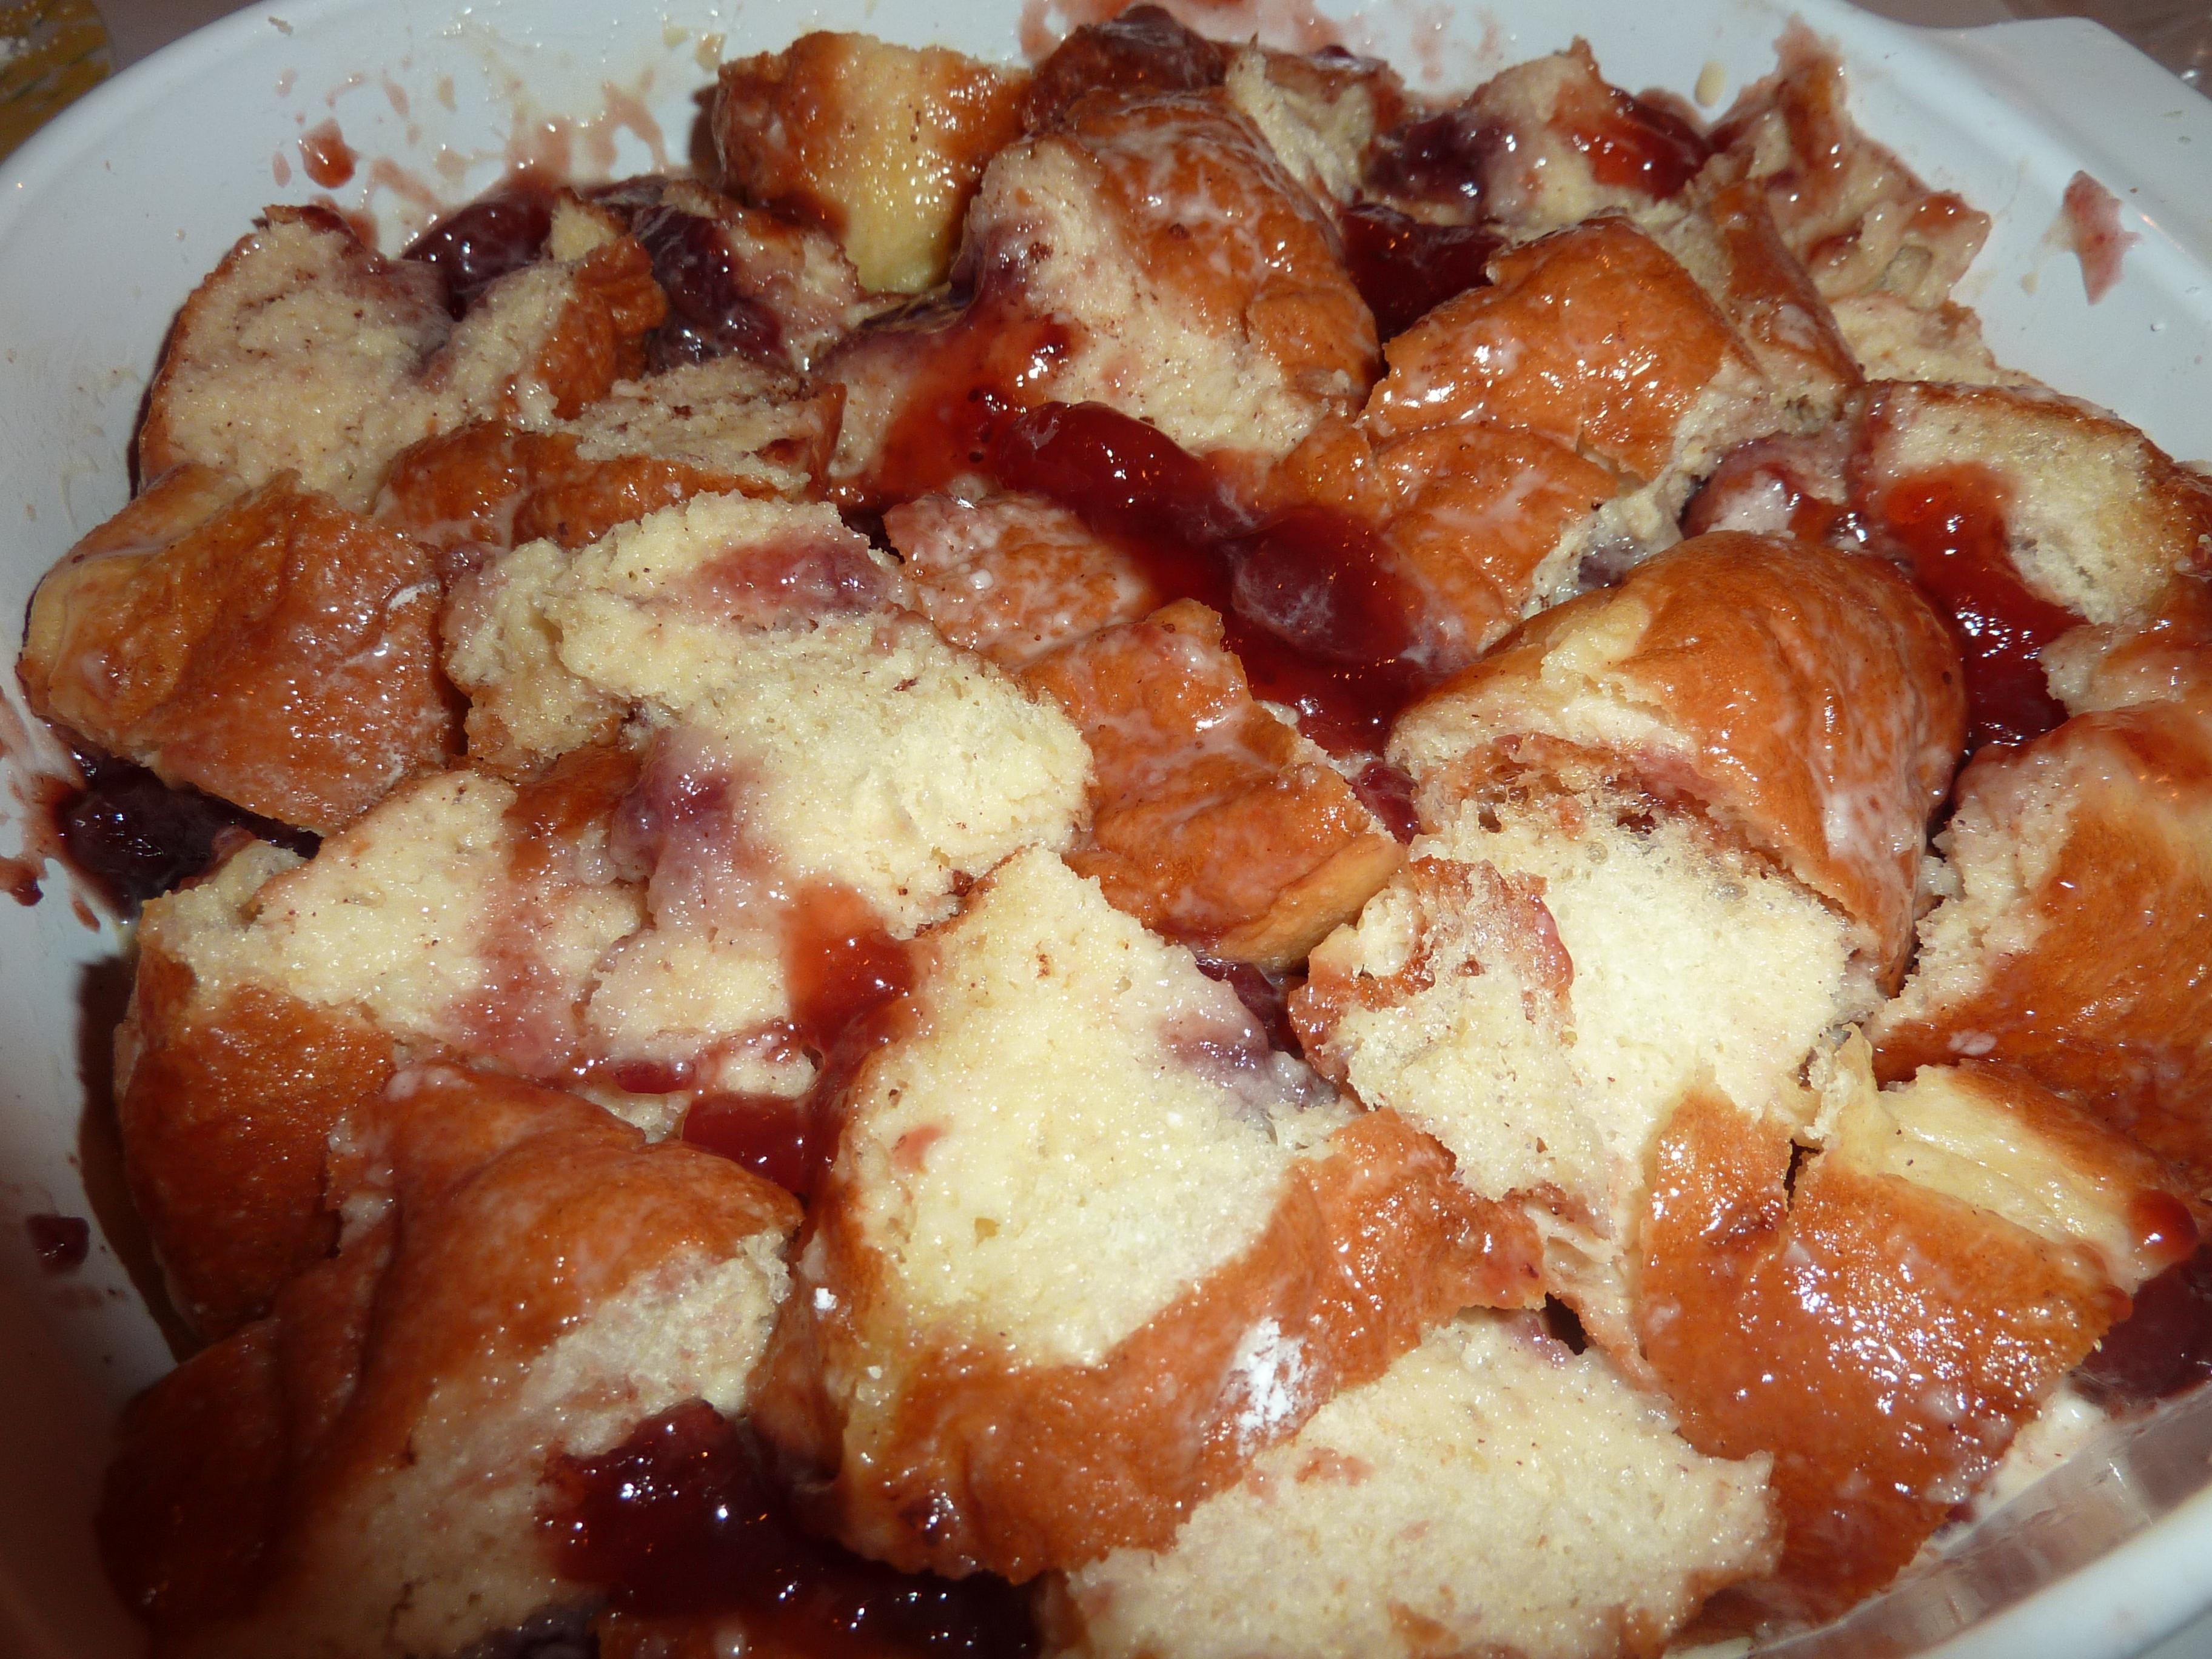 jelly doughnut bread pudding doughnut pudding recipe jelly donut bread ...